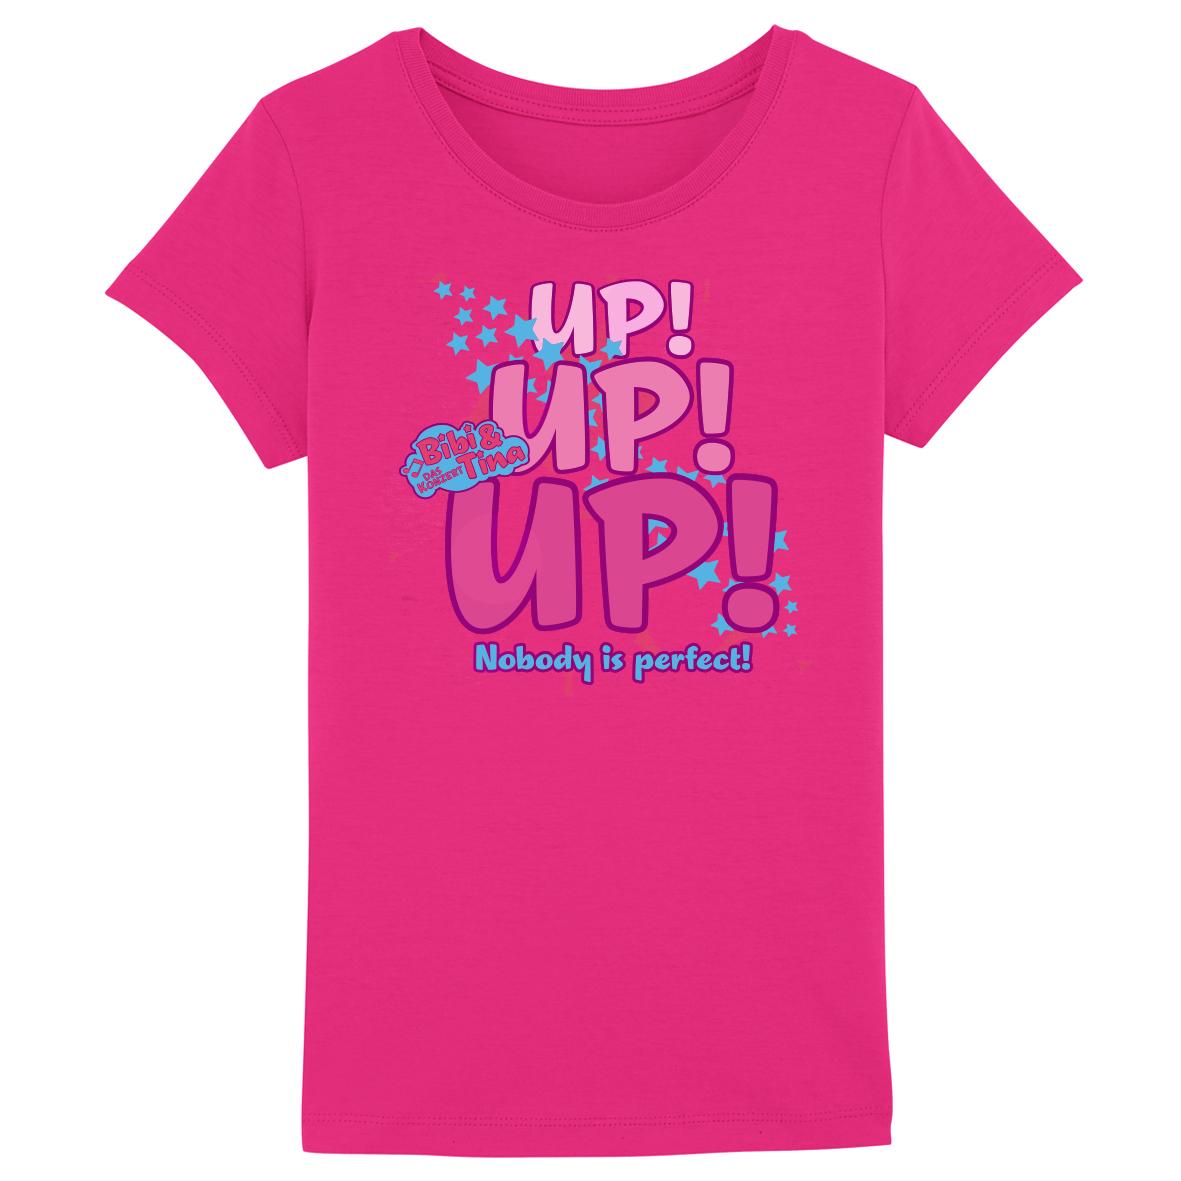 Bibi&Tina UP! UP! UP! Nobody is Perfect! Kids T-Shirt, rosa